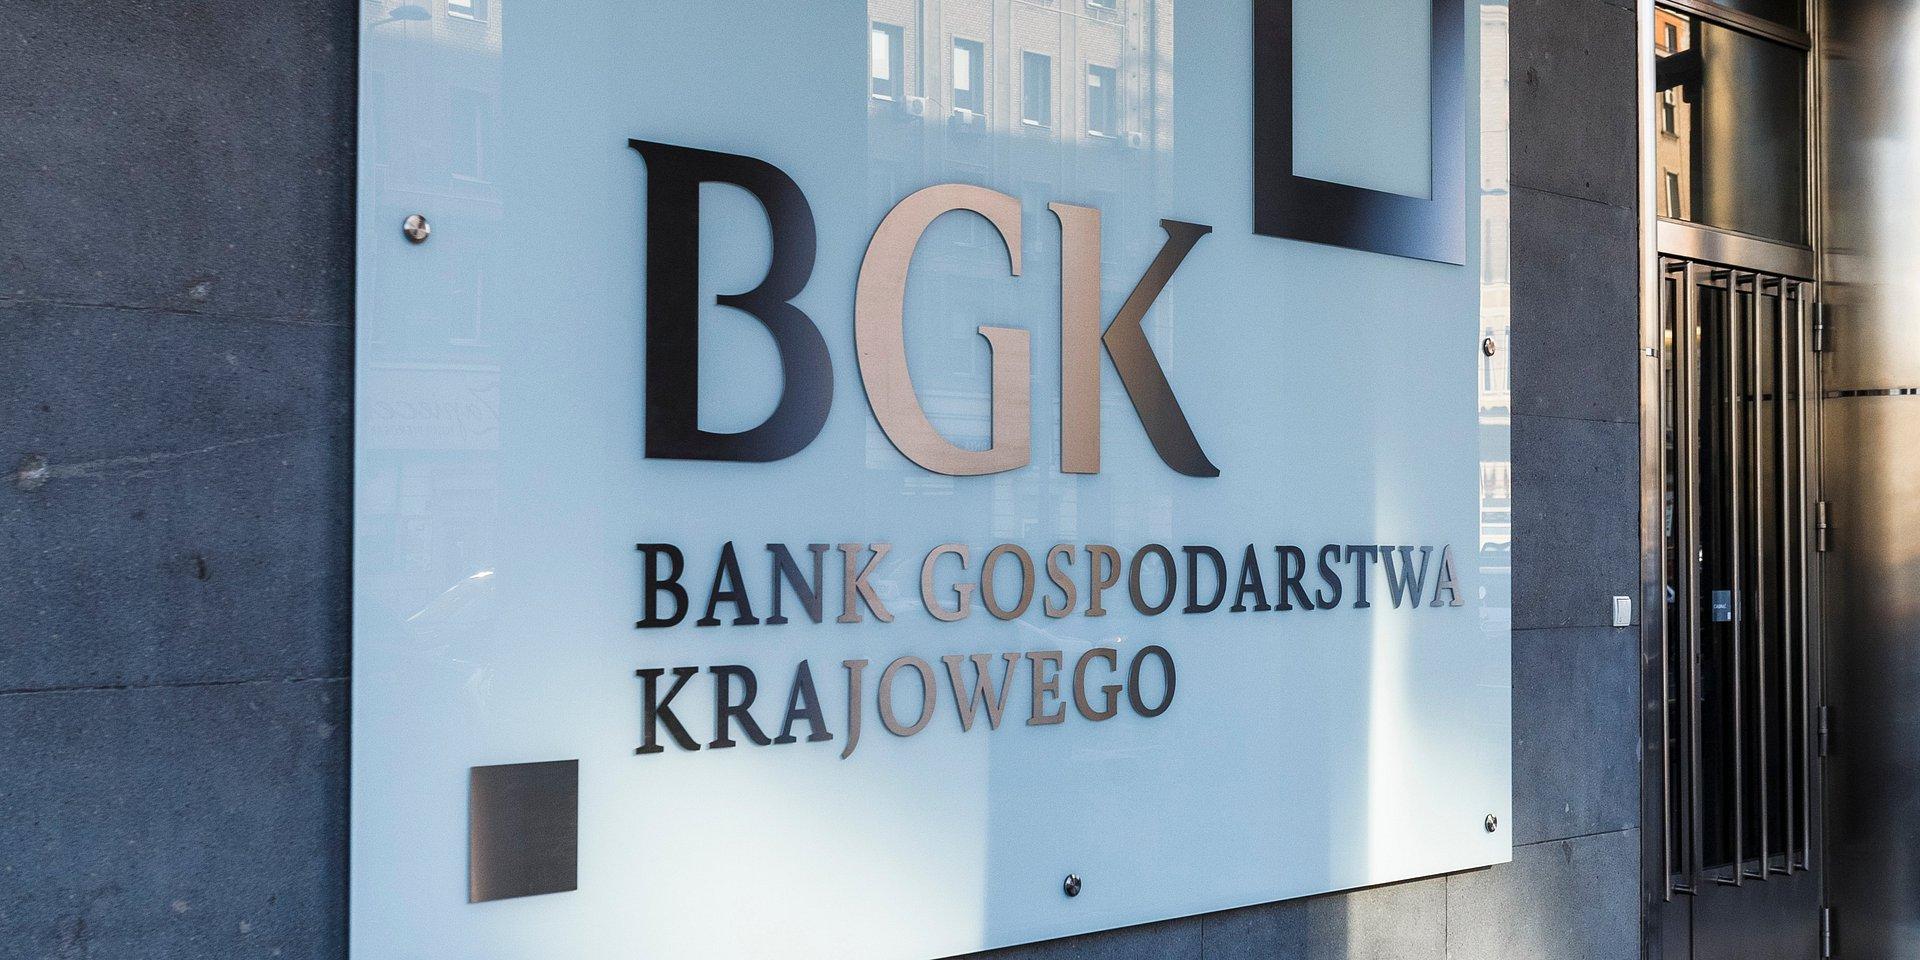 BGK w 2018 r. zasilił gospodarkę kredytami na prawie 34 mld zł